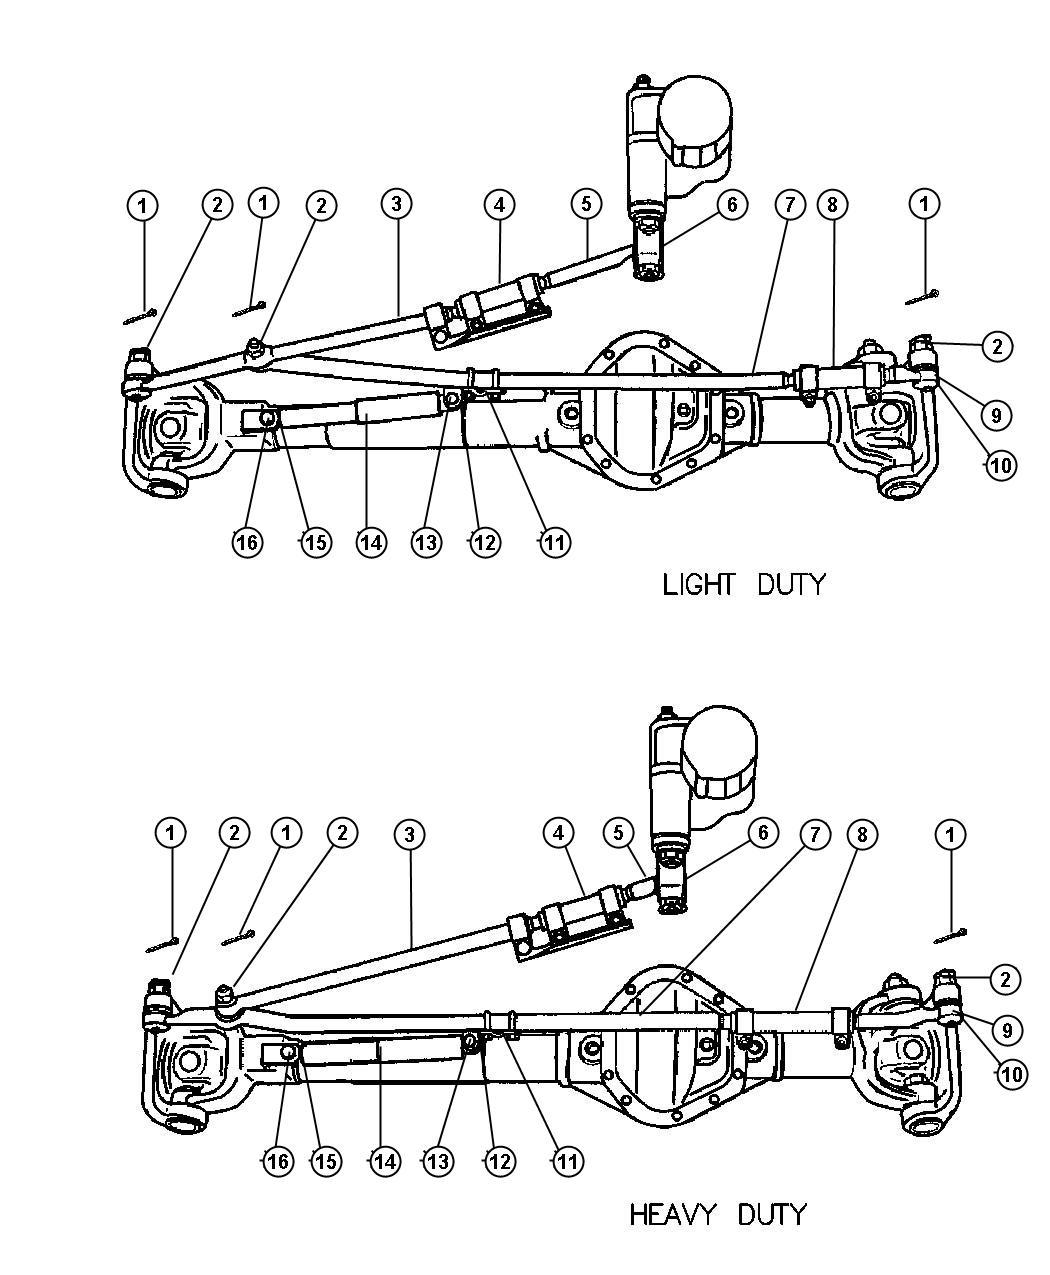 2000 dodge durango damper  steering  rating  gvw  work